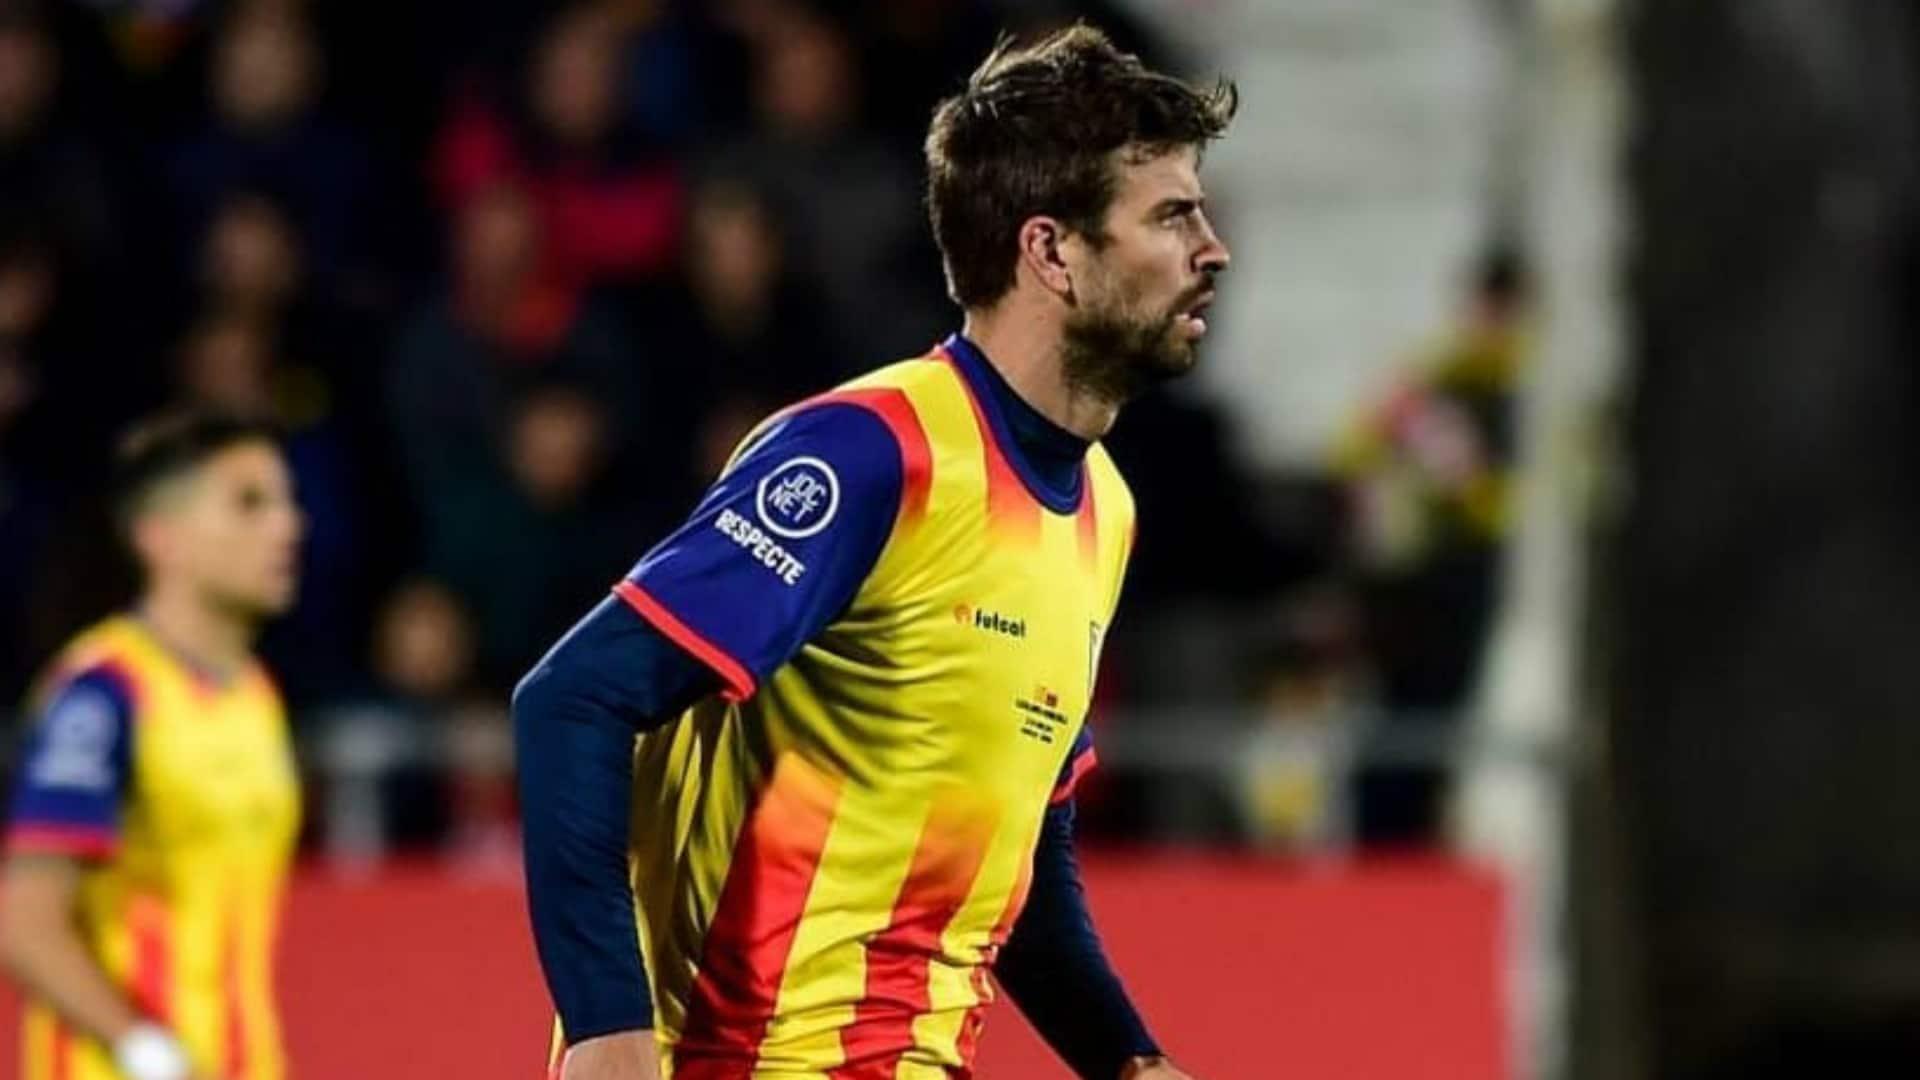 แทงบอล แทงบอลออนไลน์ บาคาร่า คาสิโน เคราร์ด ปิเก้ ออกปาก ตำหนิแฟนบอล หลังร้องเพลงต่อต้านสเปน